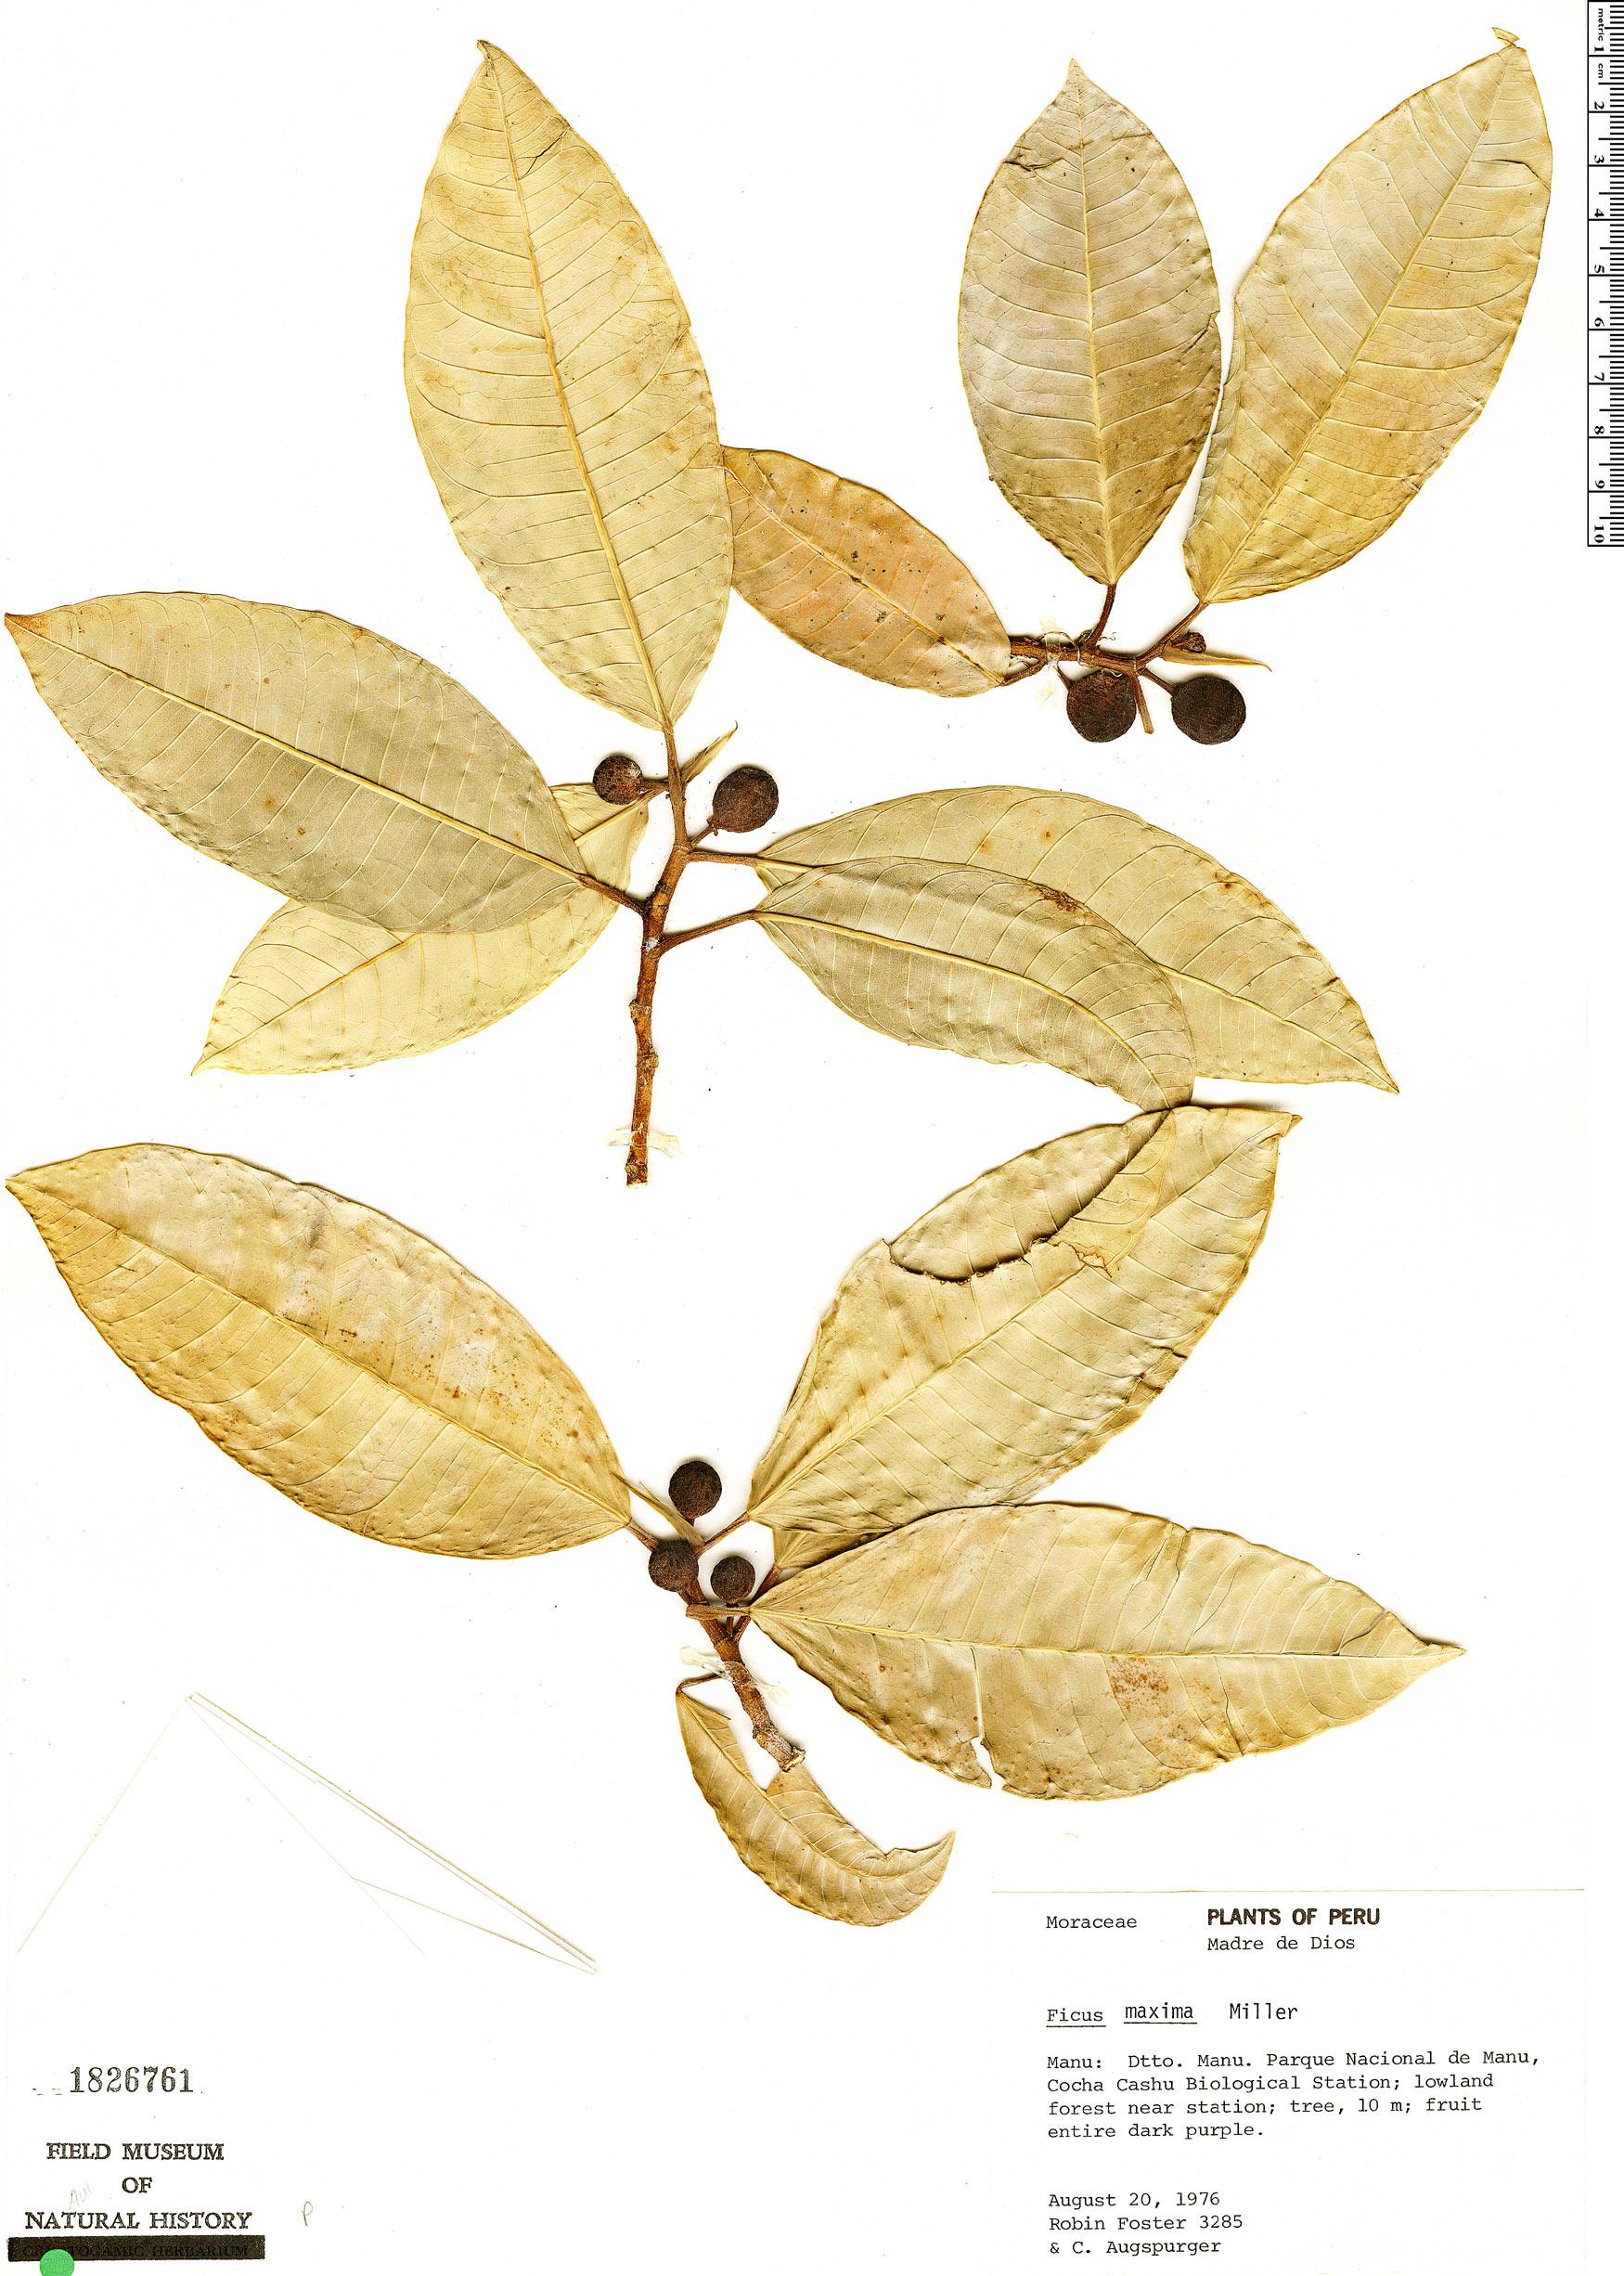 Specimen: Ficus maxima